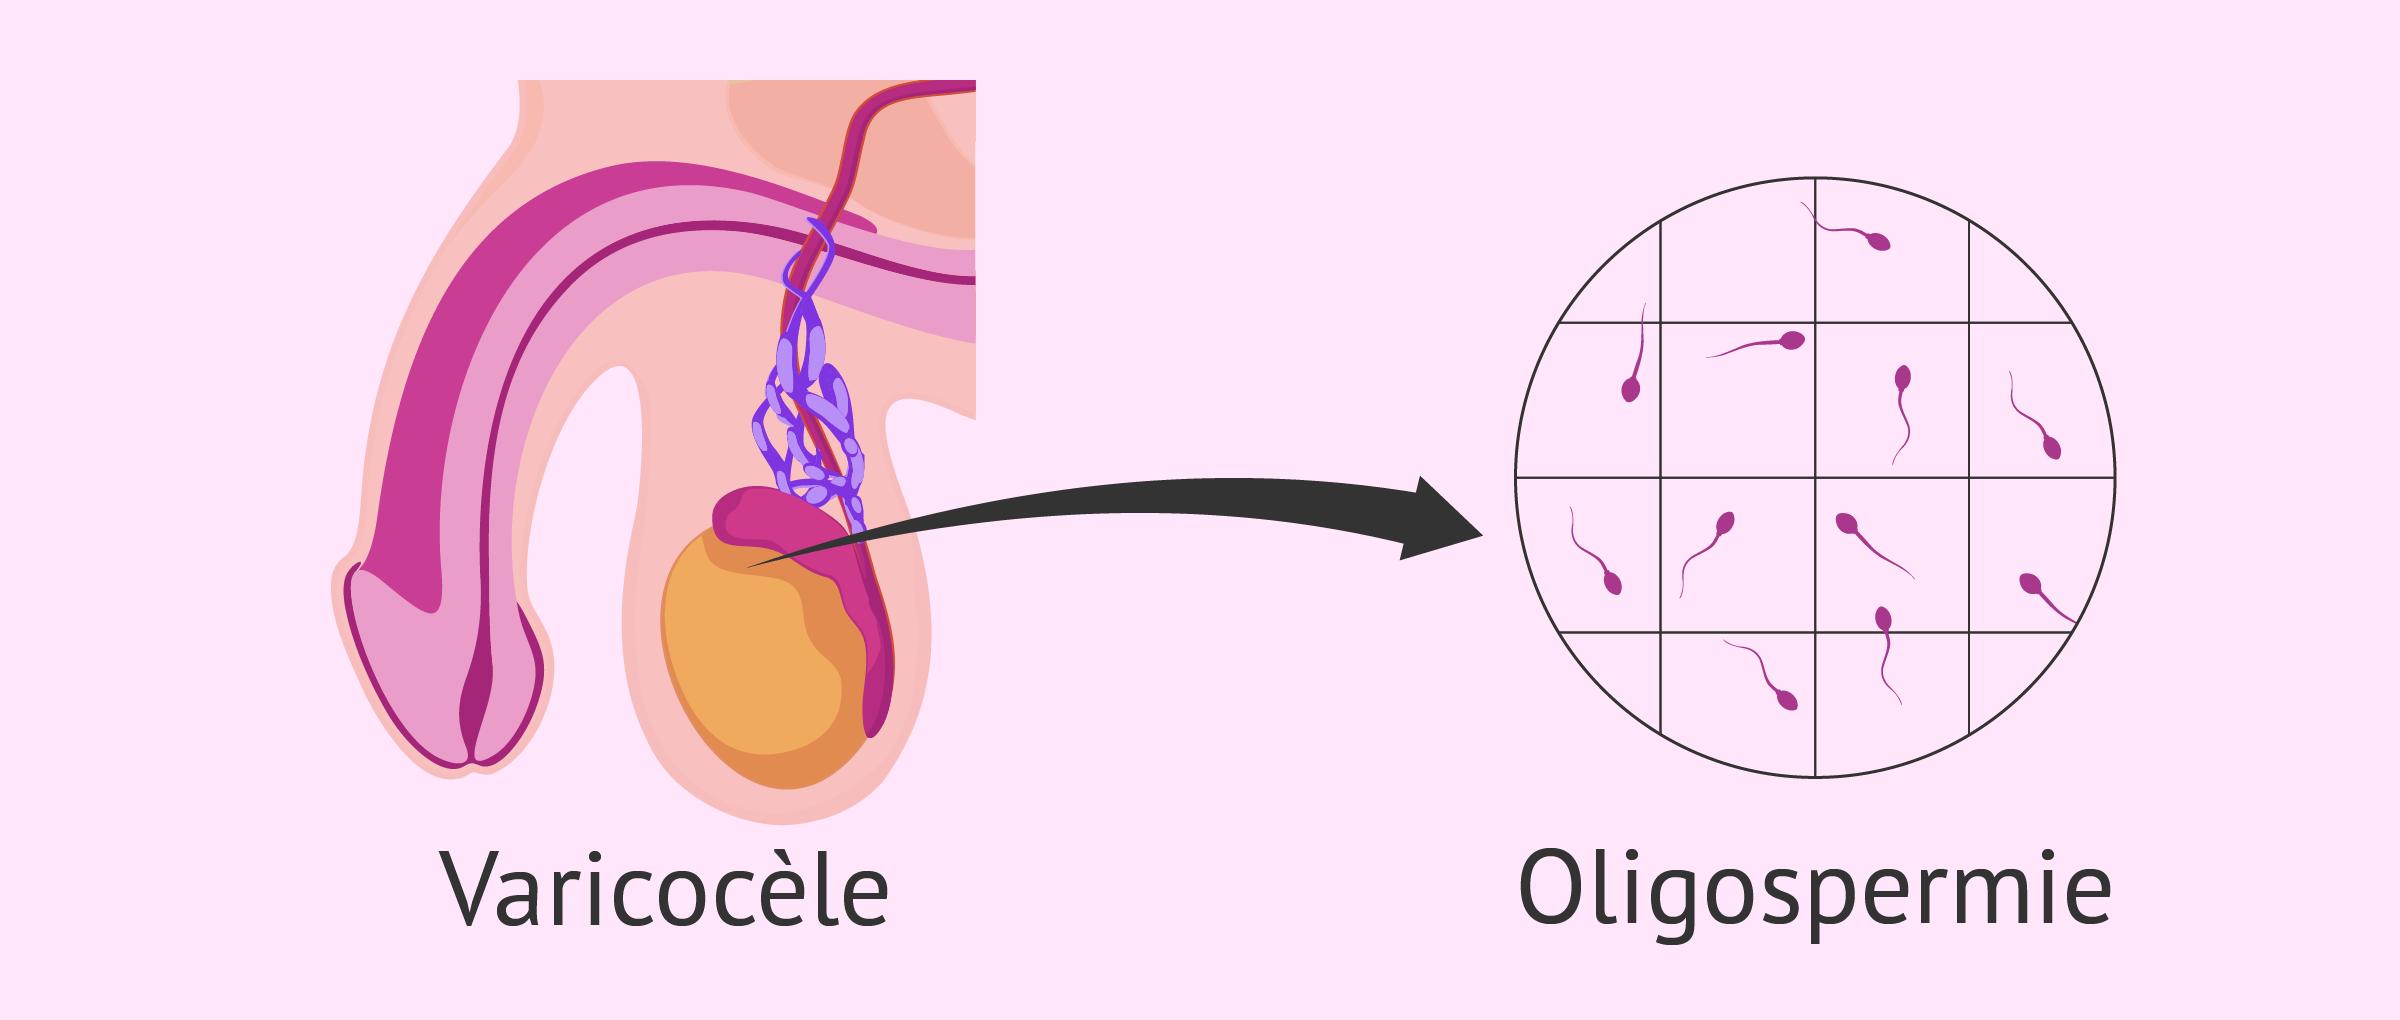 Oligospermie due à la varicocèle testiculaire